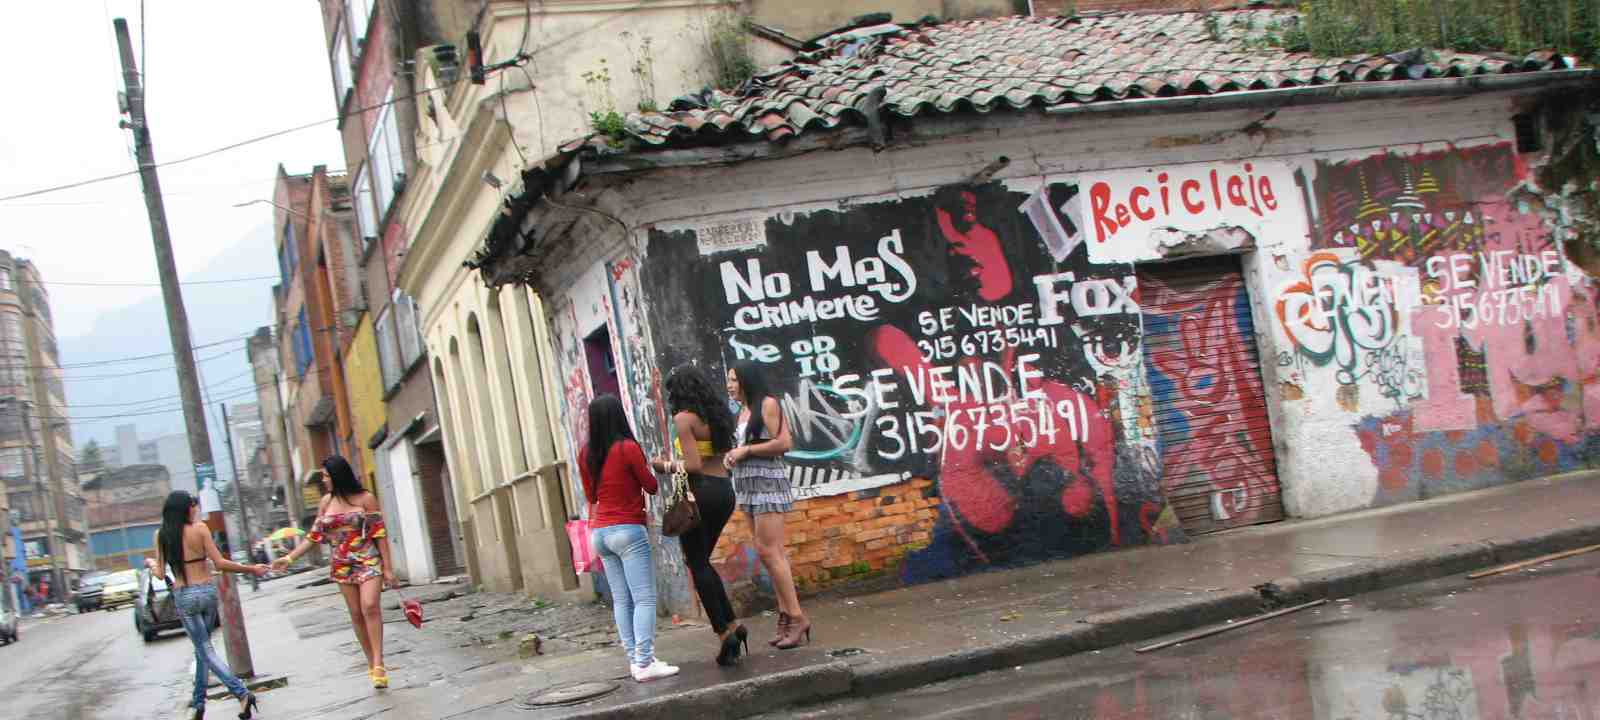 В колумбии богота проститутки